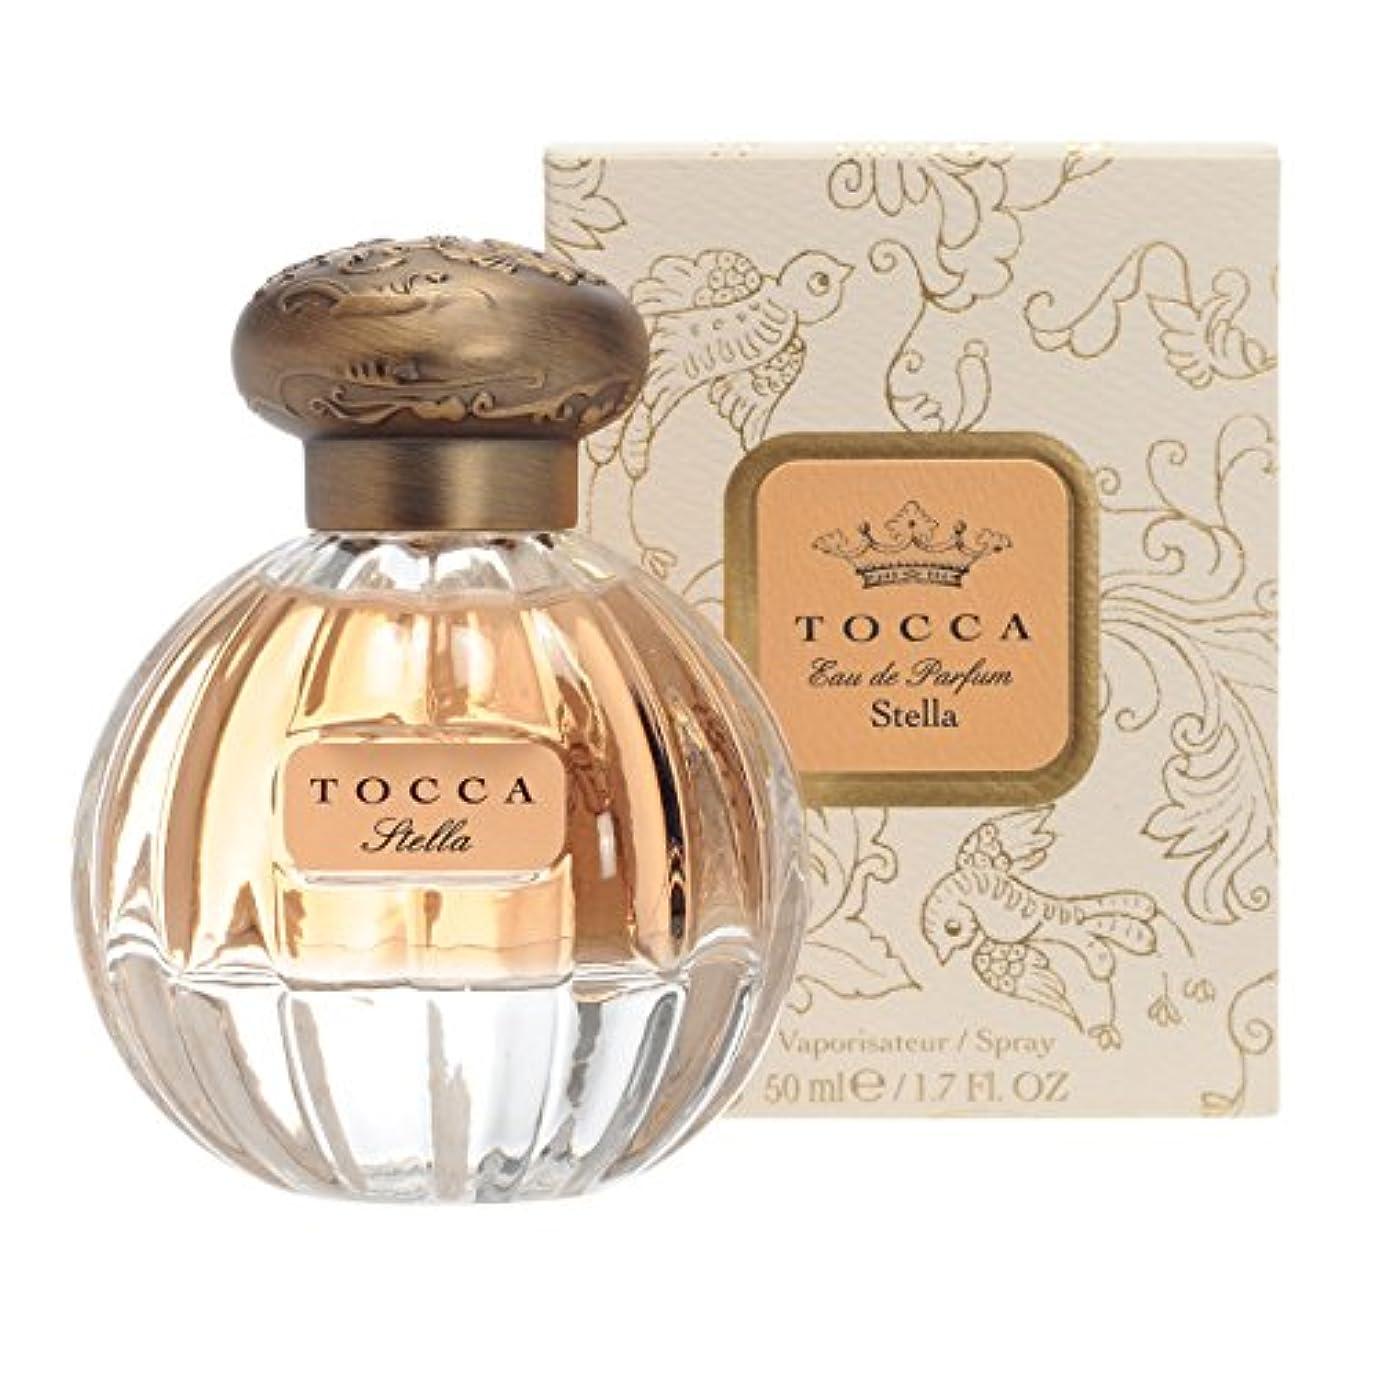 タッチスマイル投票トッカ(TOCCA) オードパルファム ステラの香り 50ml(香水 美しく気まぐれなイタリア娘のように、ブラッドオレンジがはじけるフレッシュでフルーティな香り)